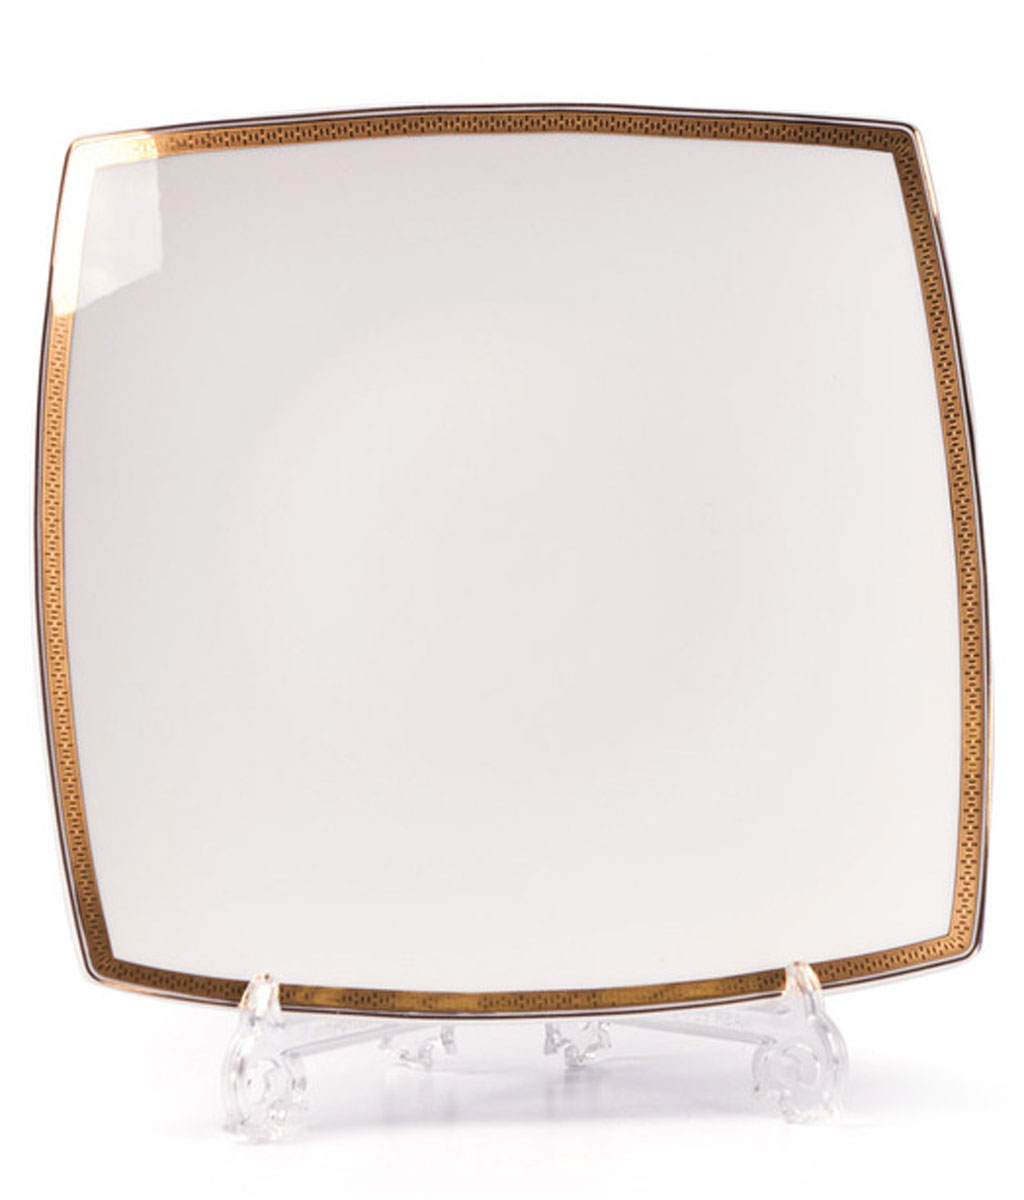 Kyoto 1555 набор тарелок для десерта, 6 шт/уп, цвет: белый с золотом54 009312В наборе тарелка 22 см 6 штук Материал: фарфор: цвет: белый с золотомСерия: KYOTO